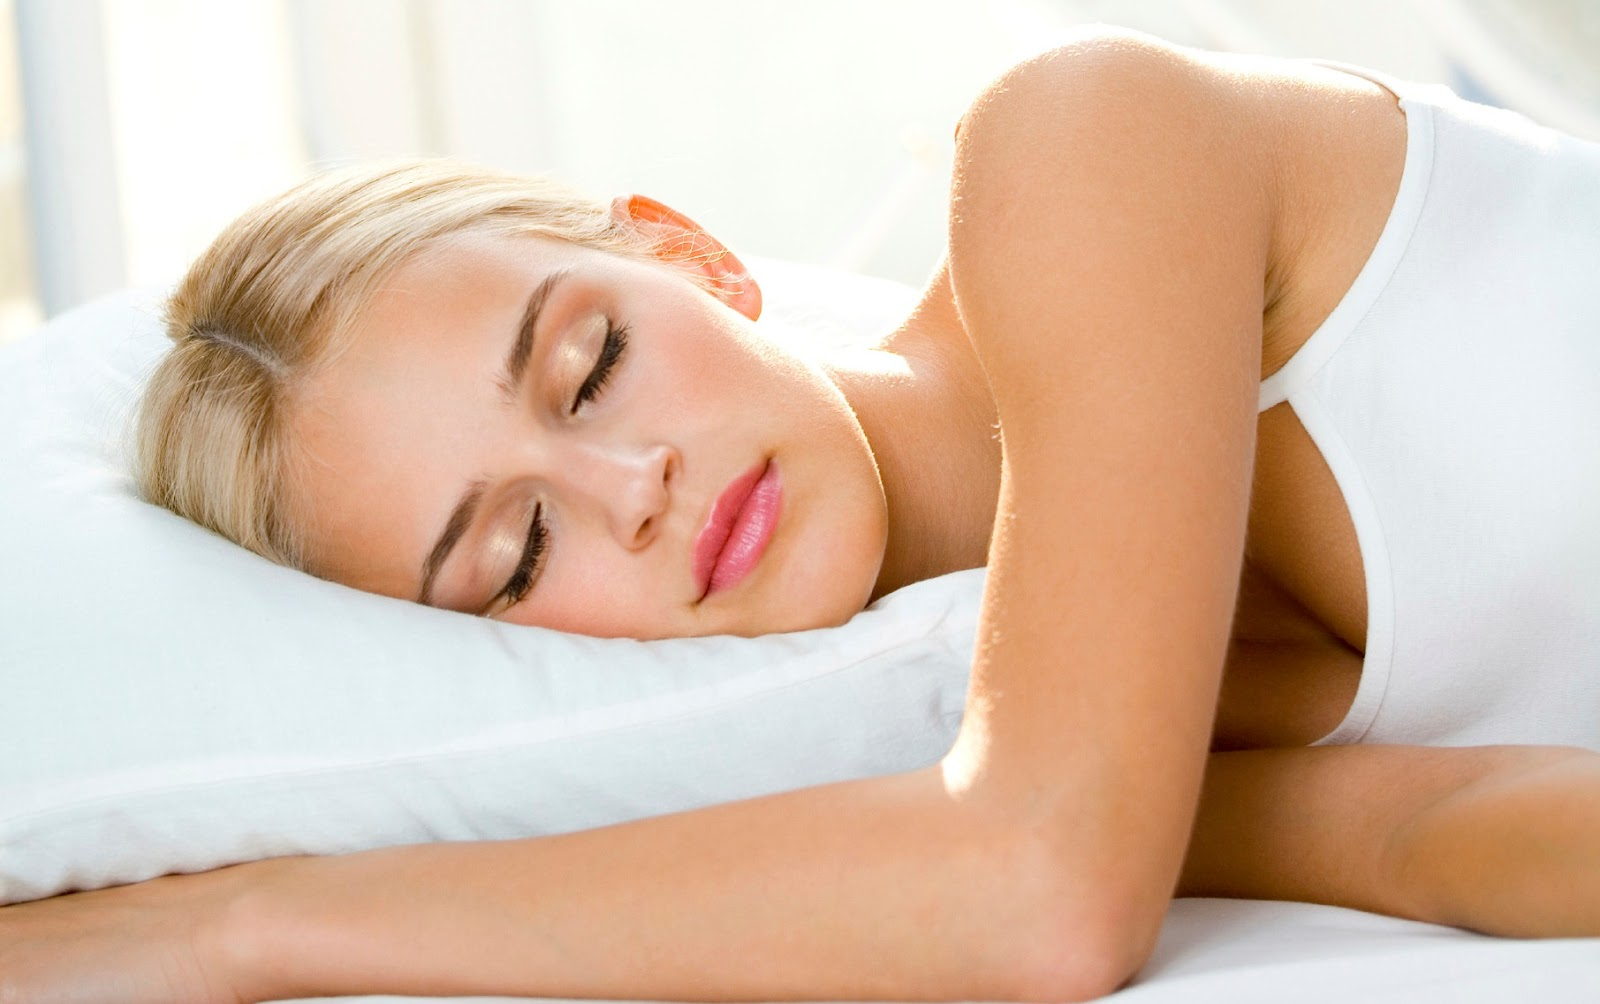 Consejos para dormir y descansar mejor